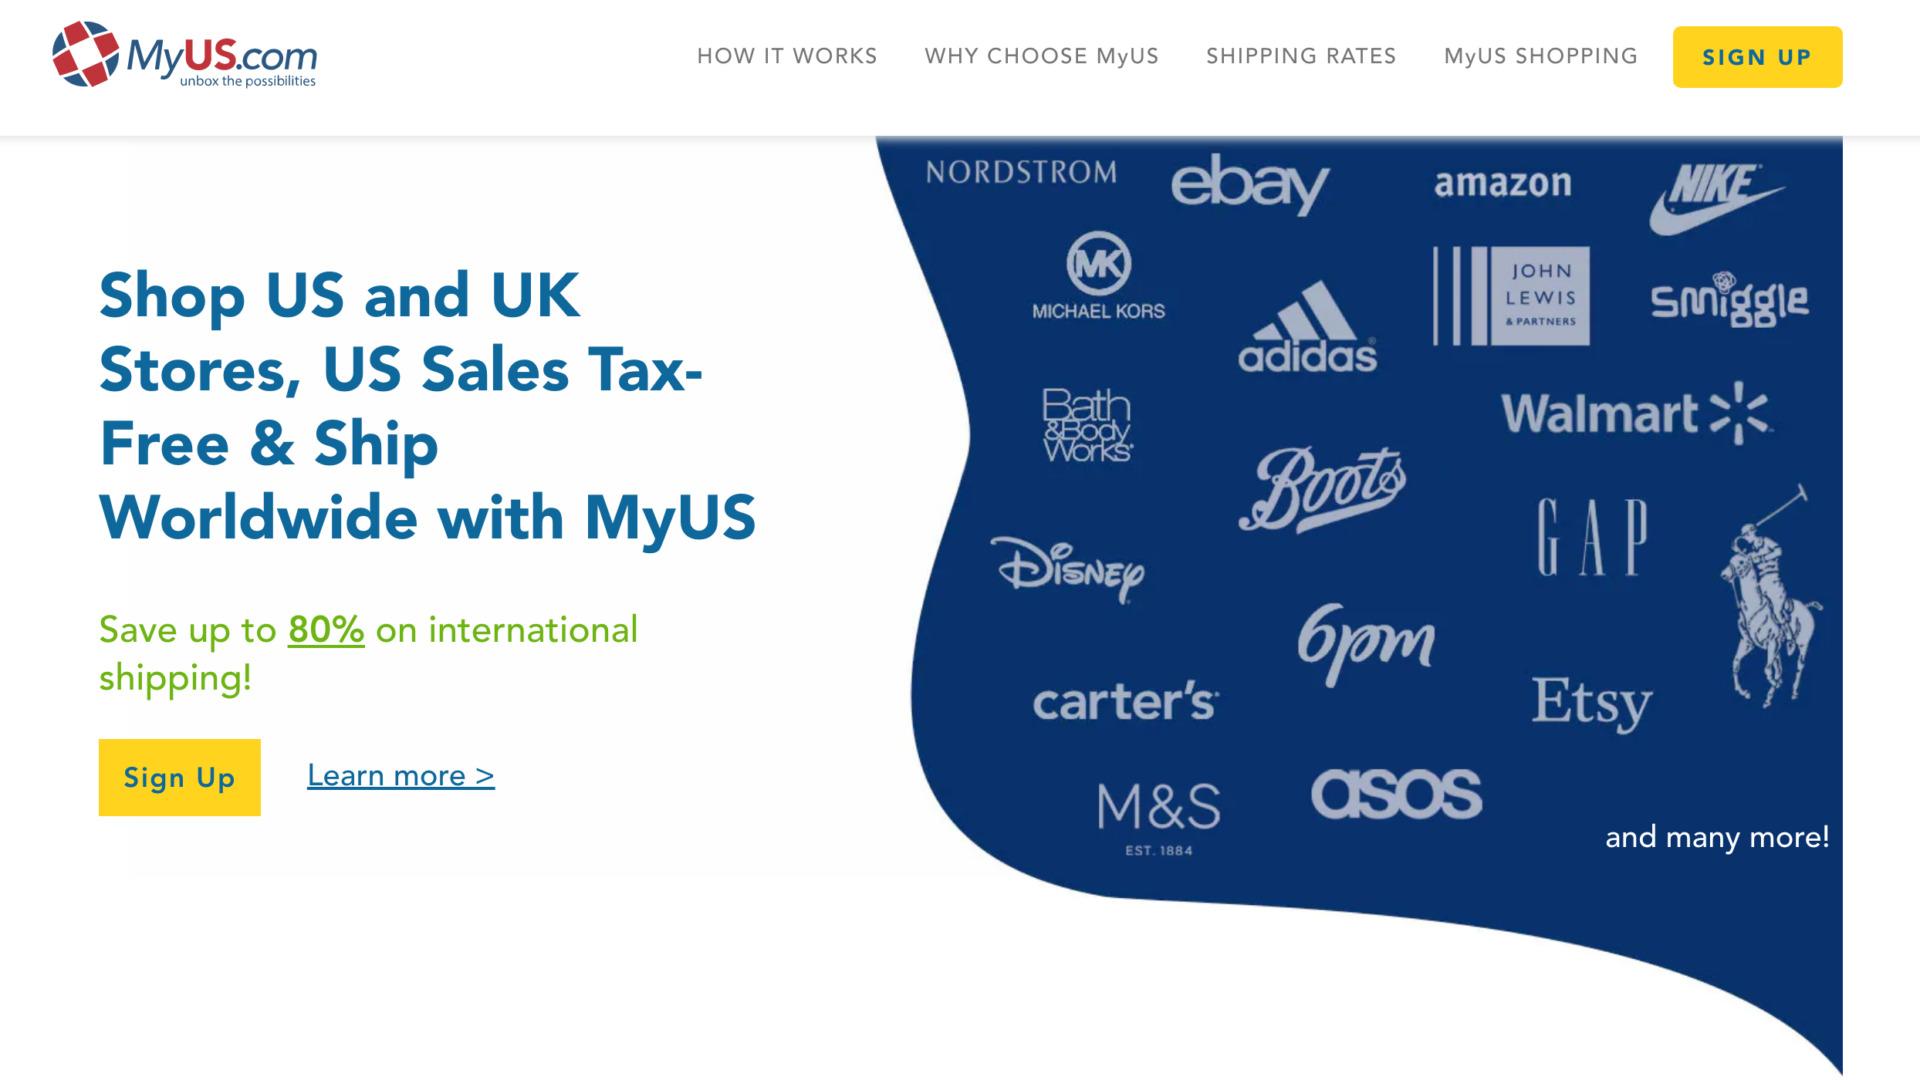 アメリカから日本への海外転送サービスの比較 MyUS.com